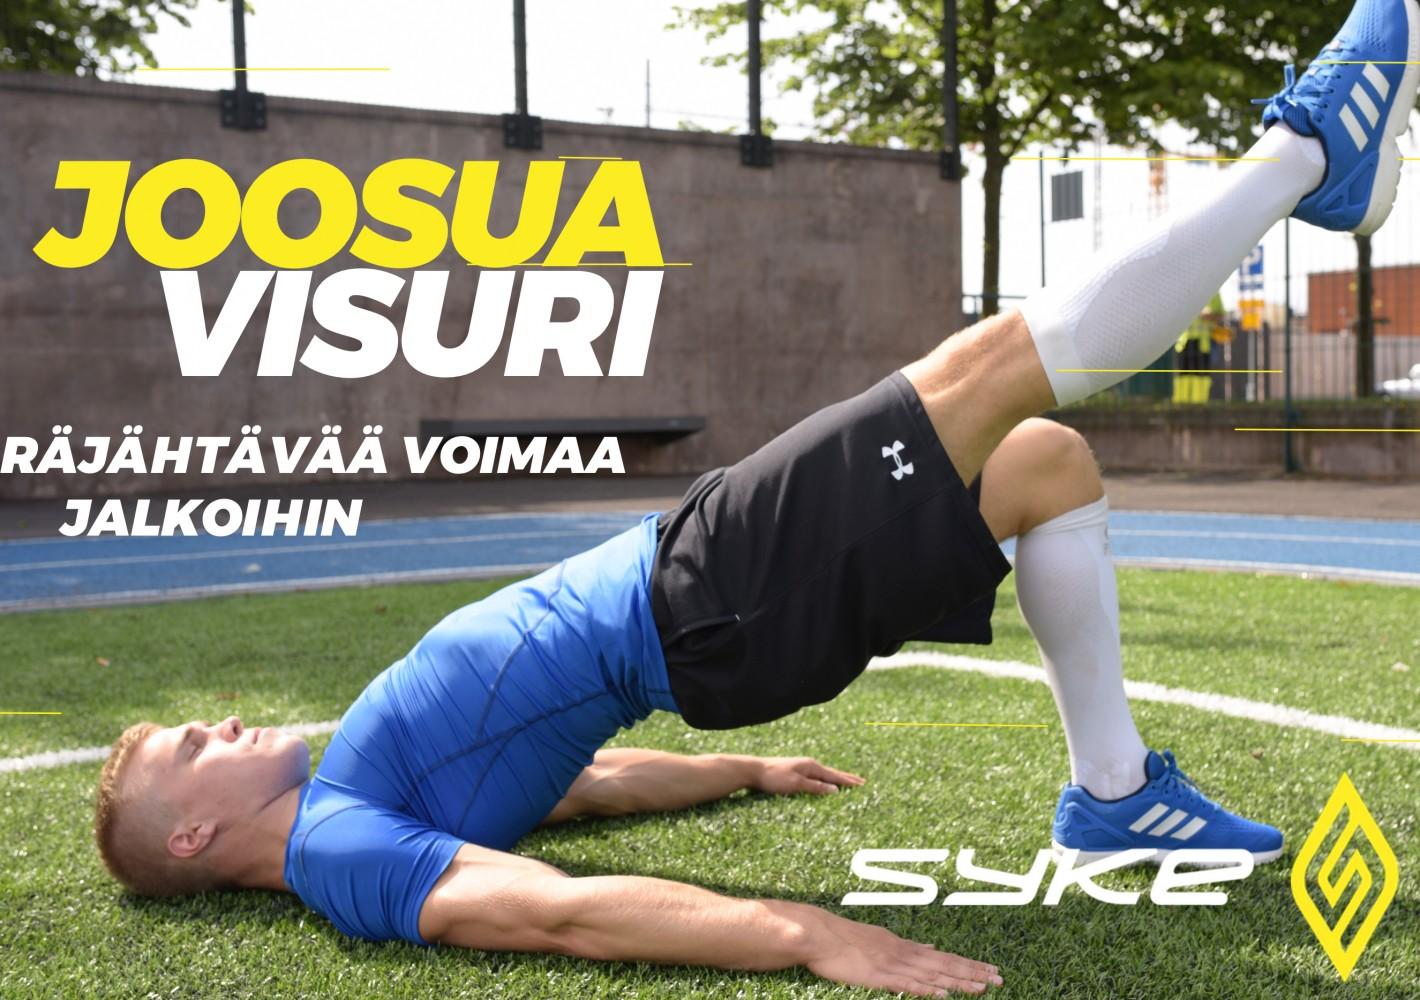 Räjähtävää voimaa jalkoihin by Joosua Visuri